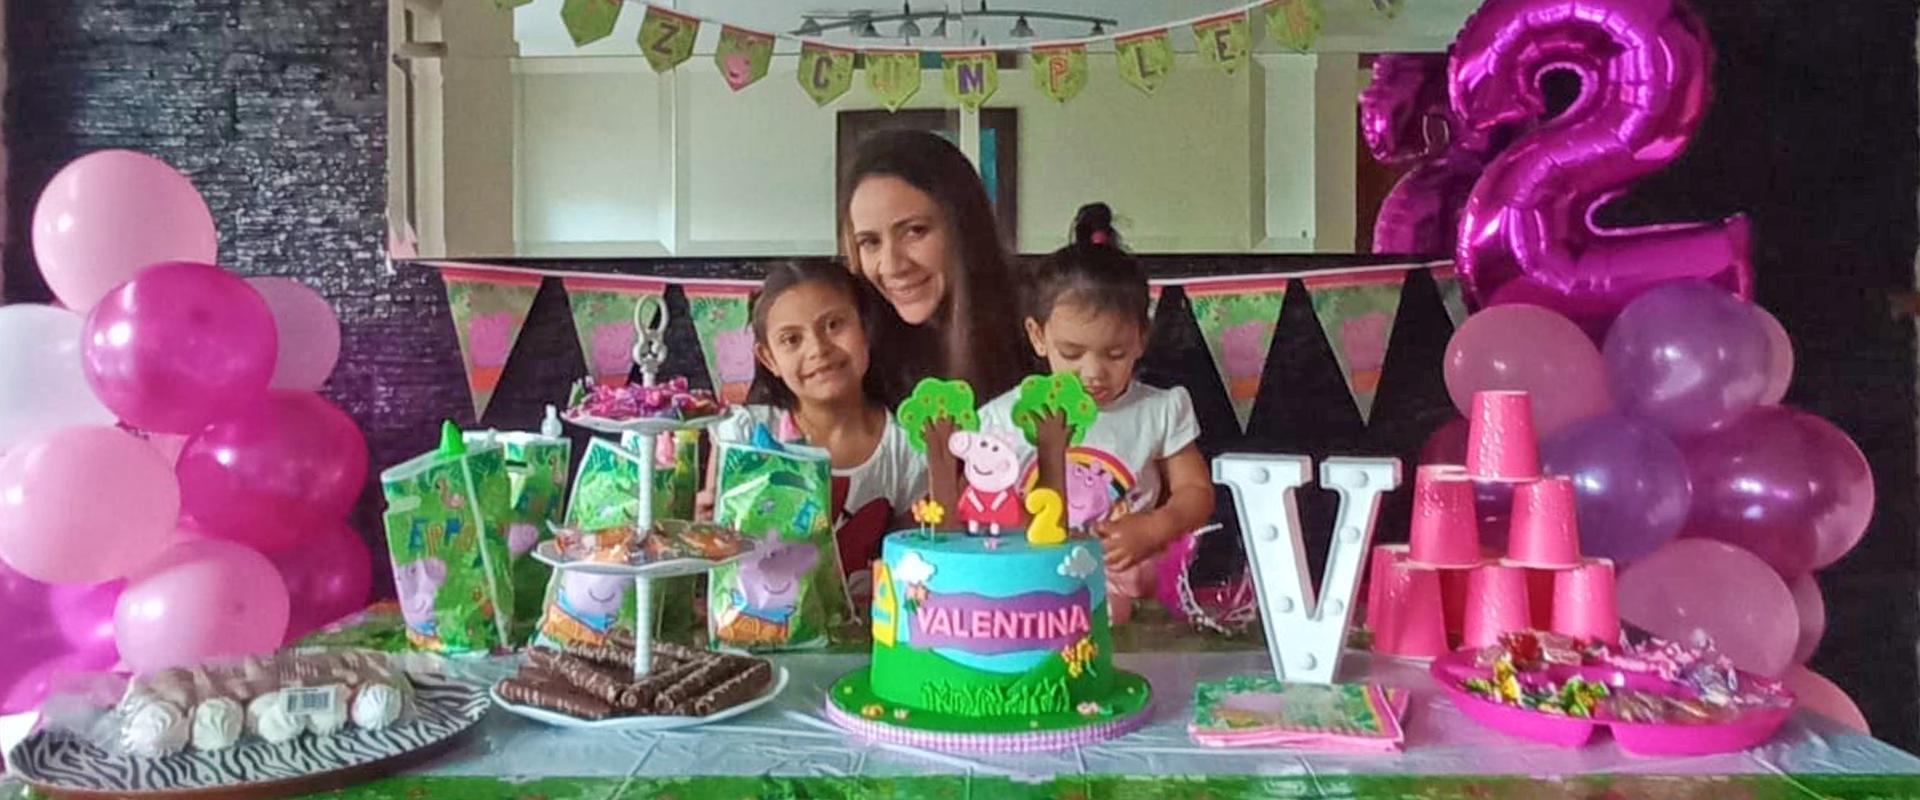 La odontóloga colombiana Draysa Diazgranados en la celebración del cumpleaños de una de sus dos hijas nacidas en Chile